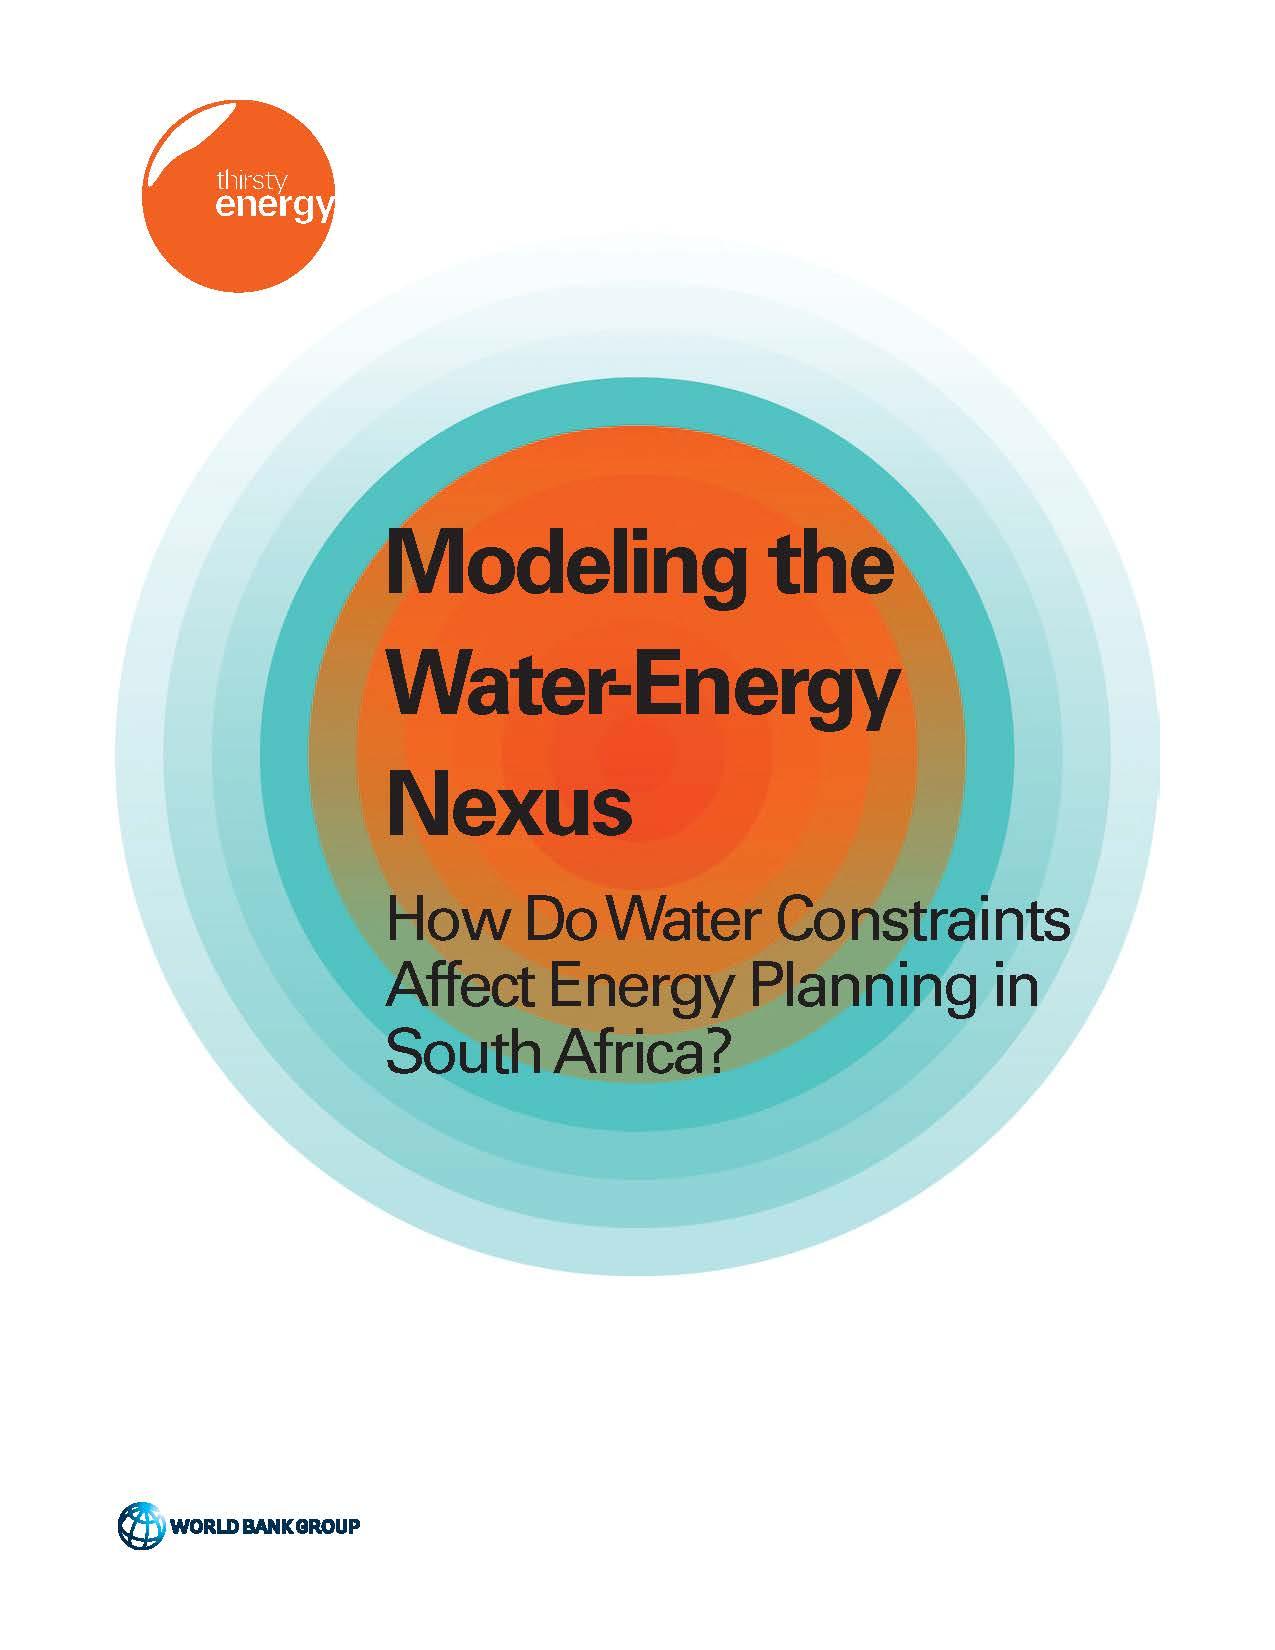 Modeling Water-Energy Nexus_2017 1.jpg